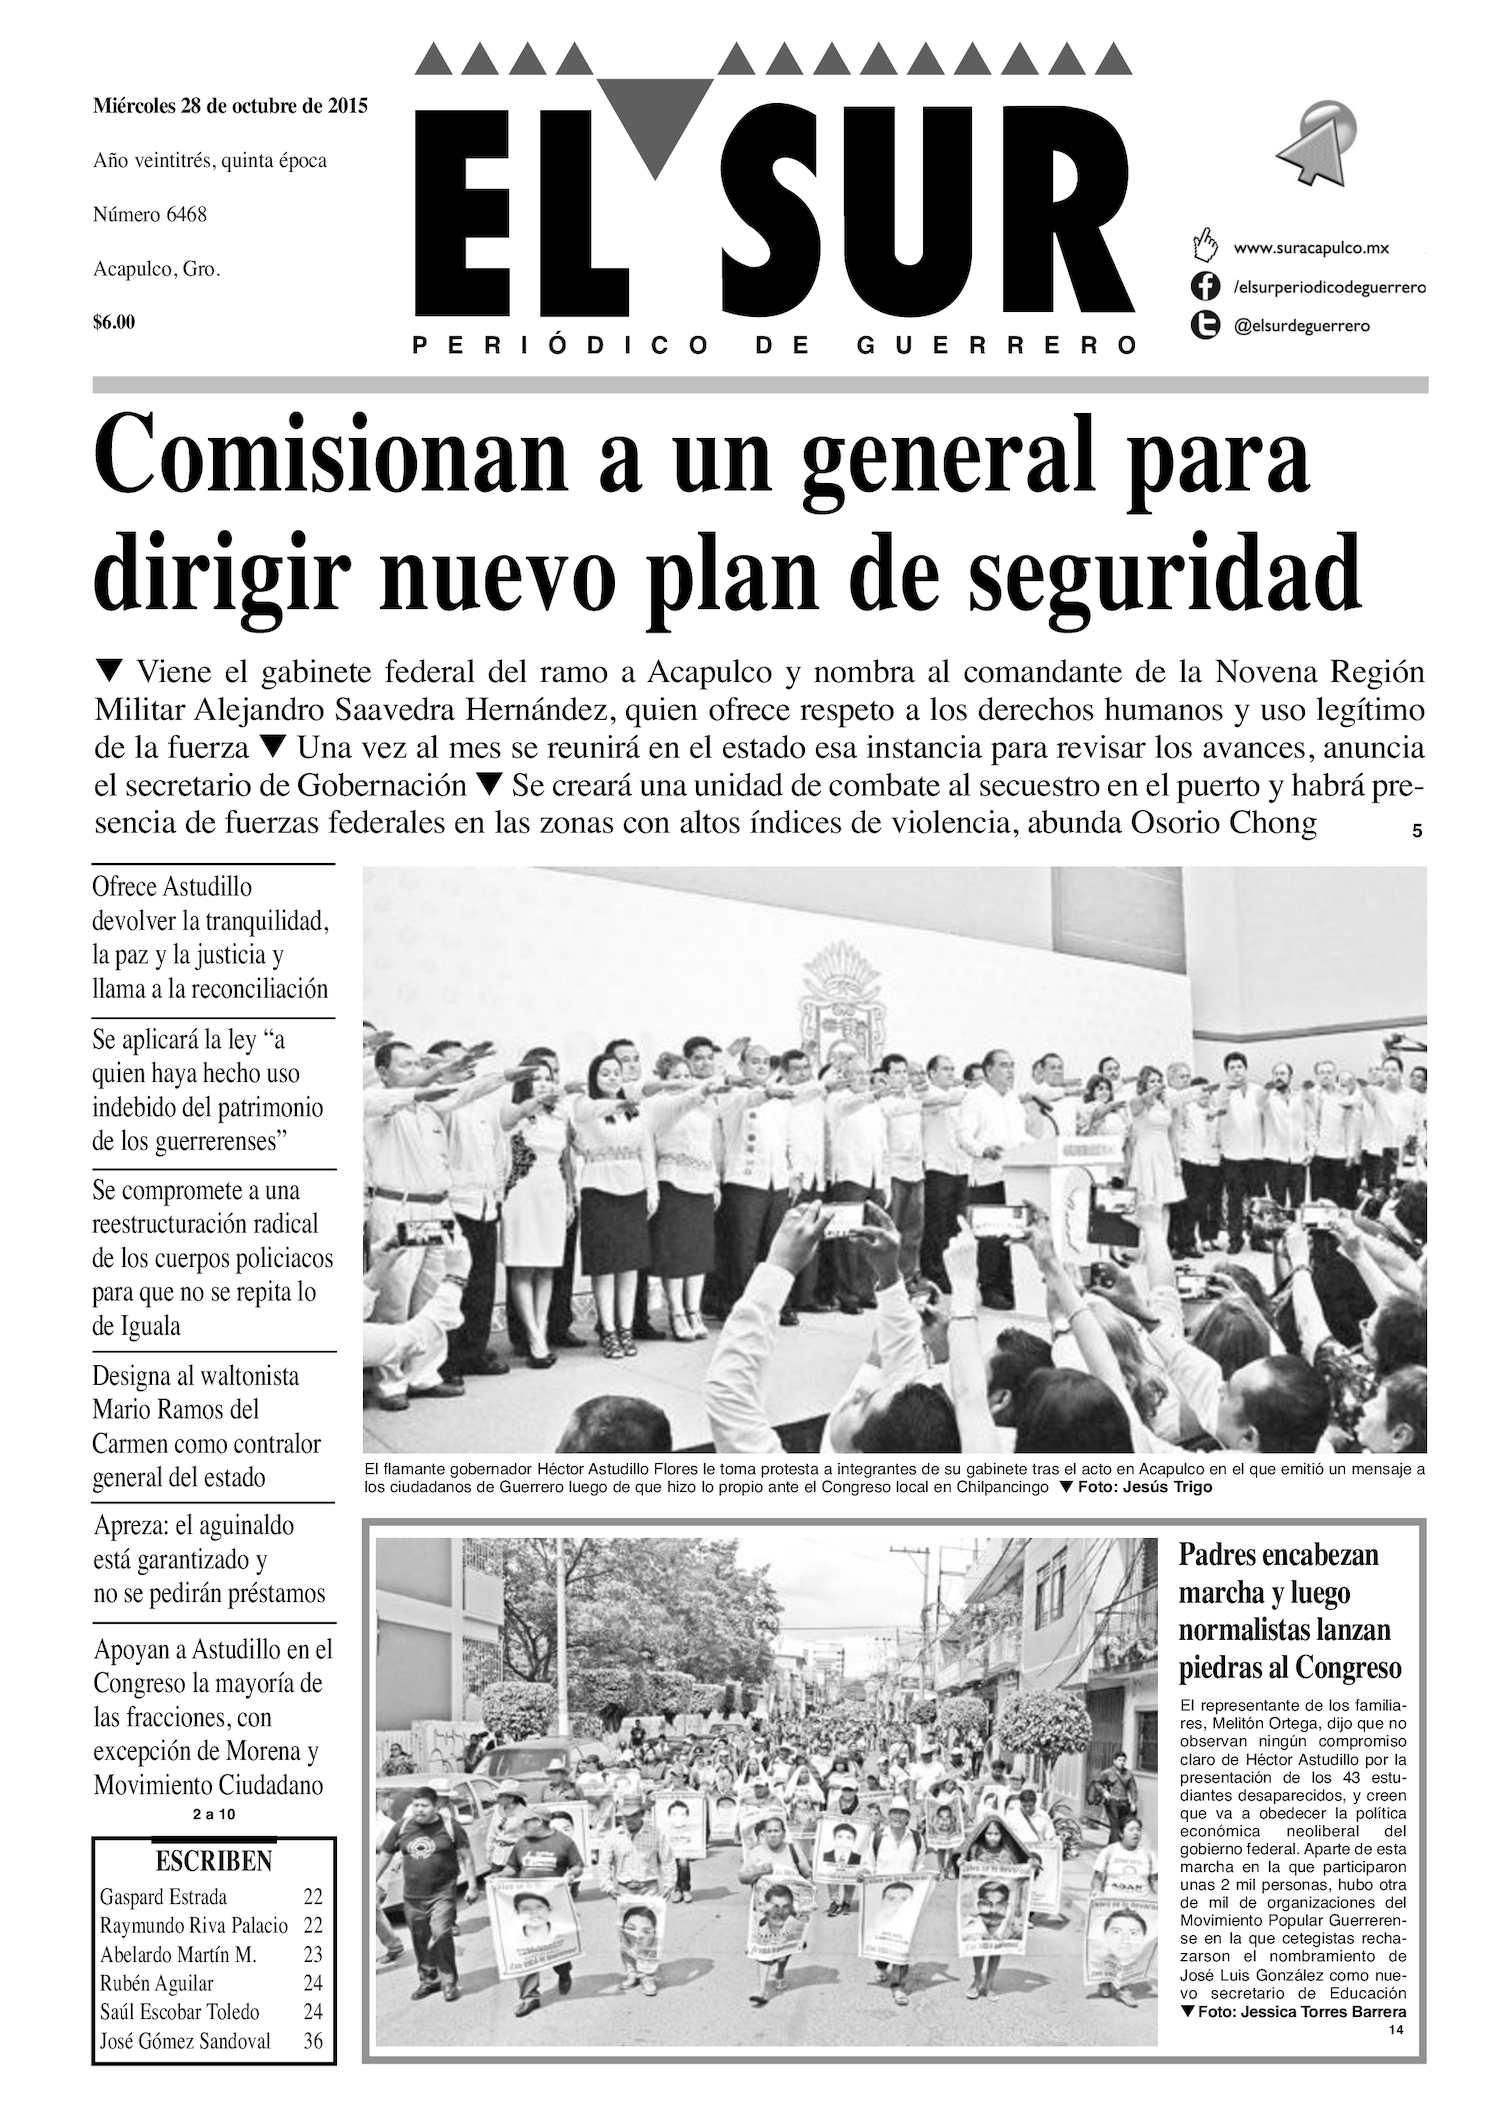 Calaméo - El Sur Miercoles 28102015 4c568e2f28c9f